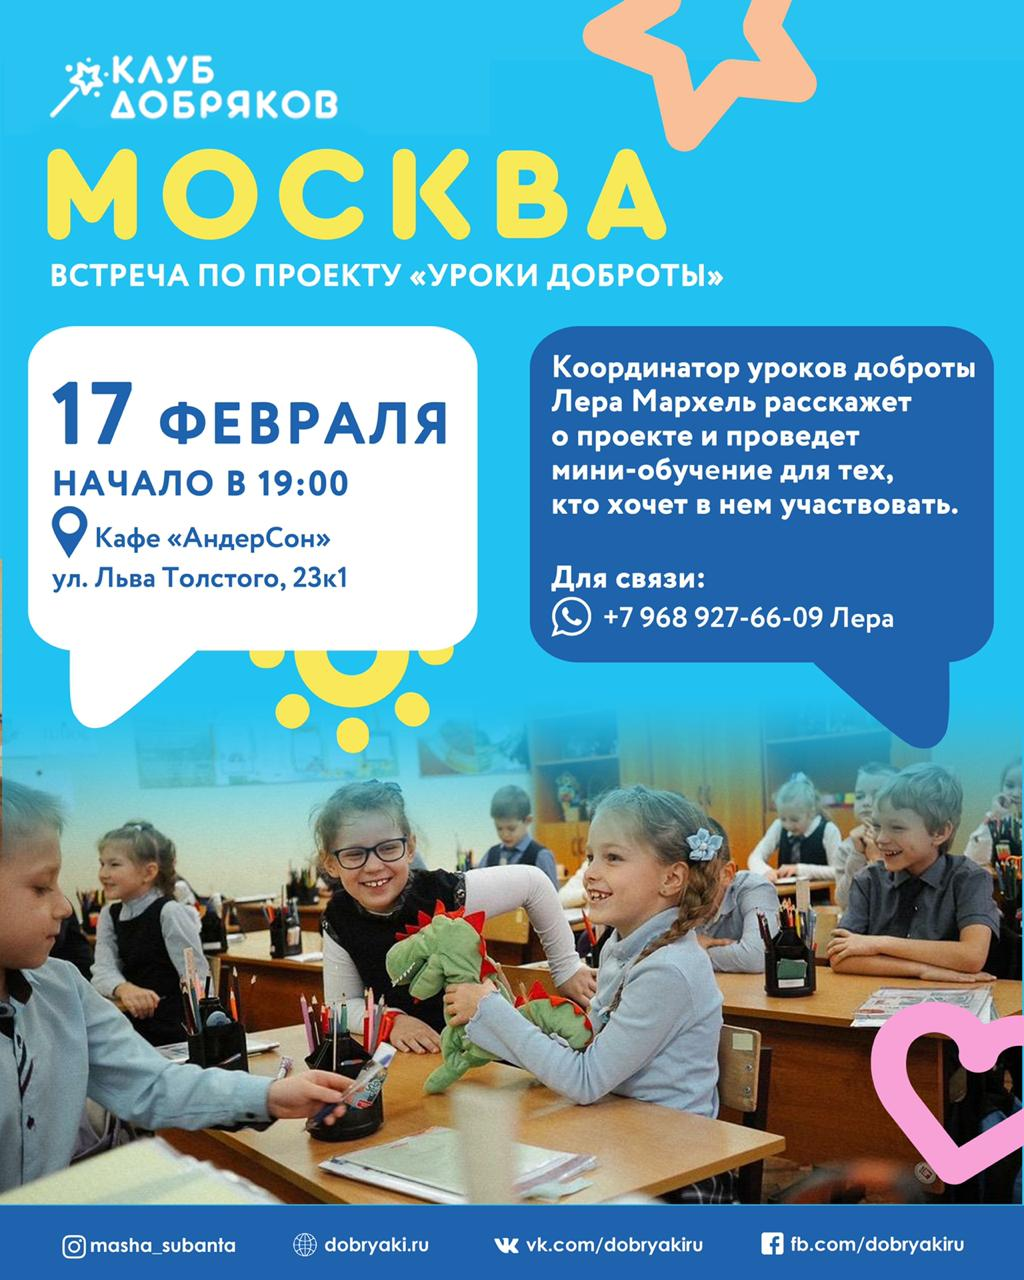 В Москве состоится встреча по проекту «Уроки доброты»